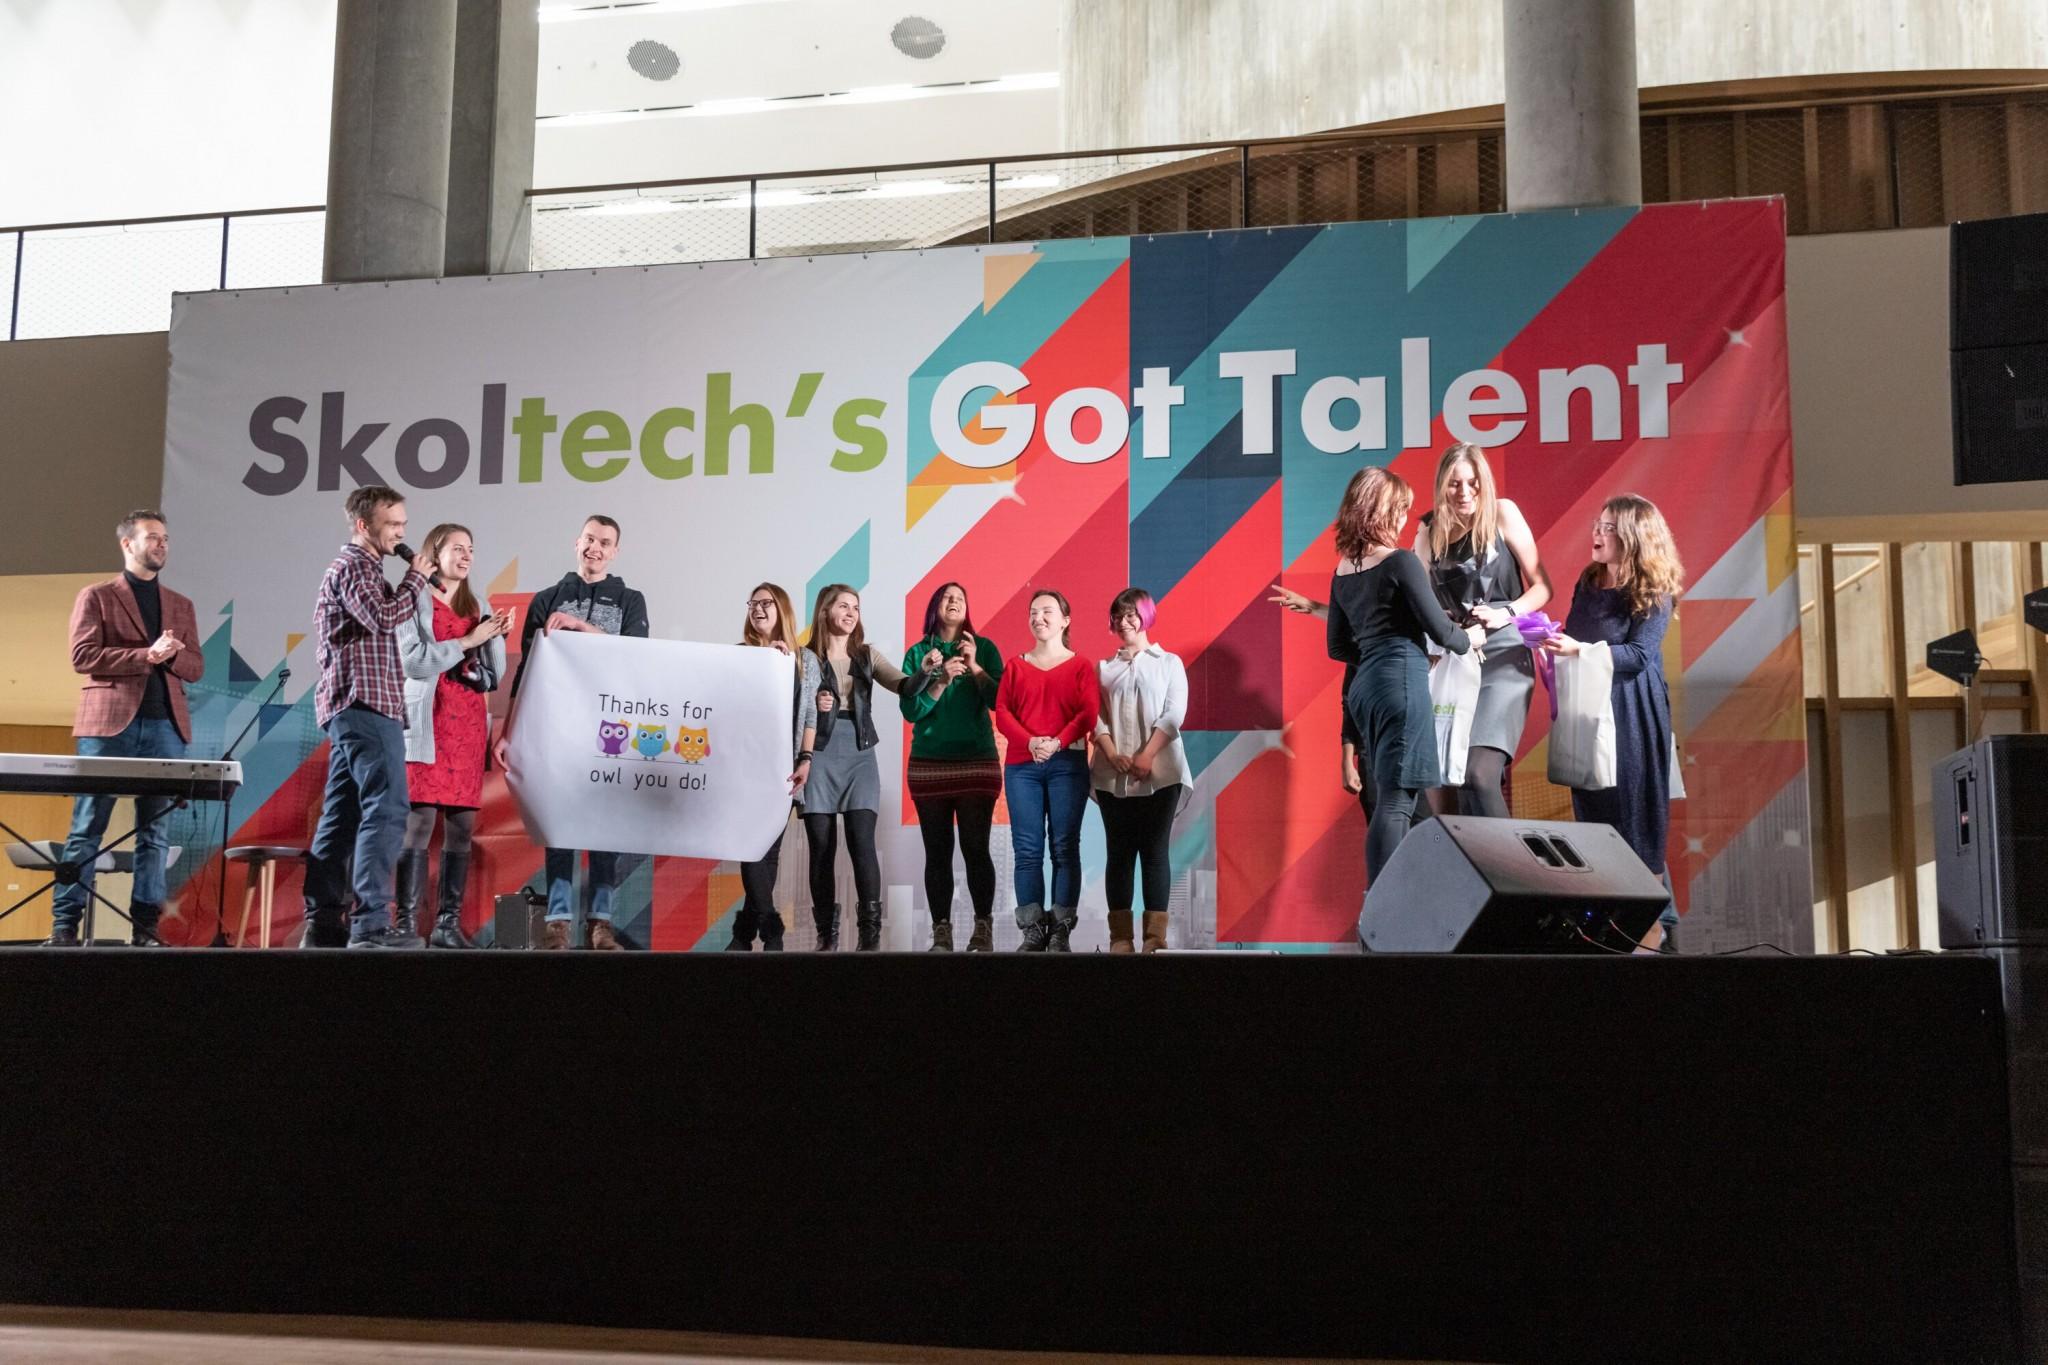 Image: the participants